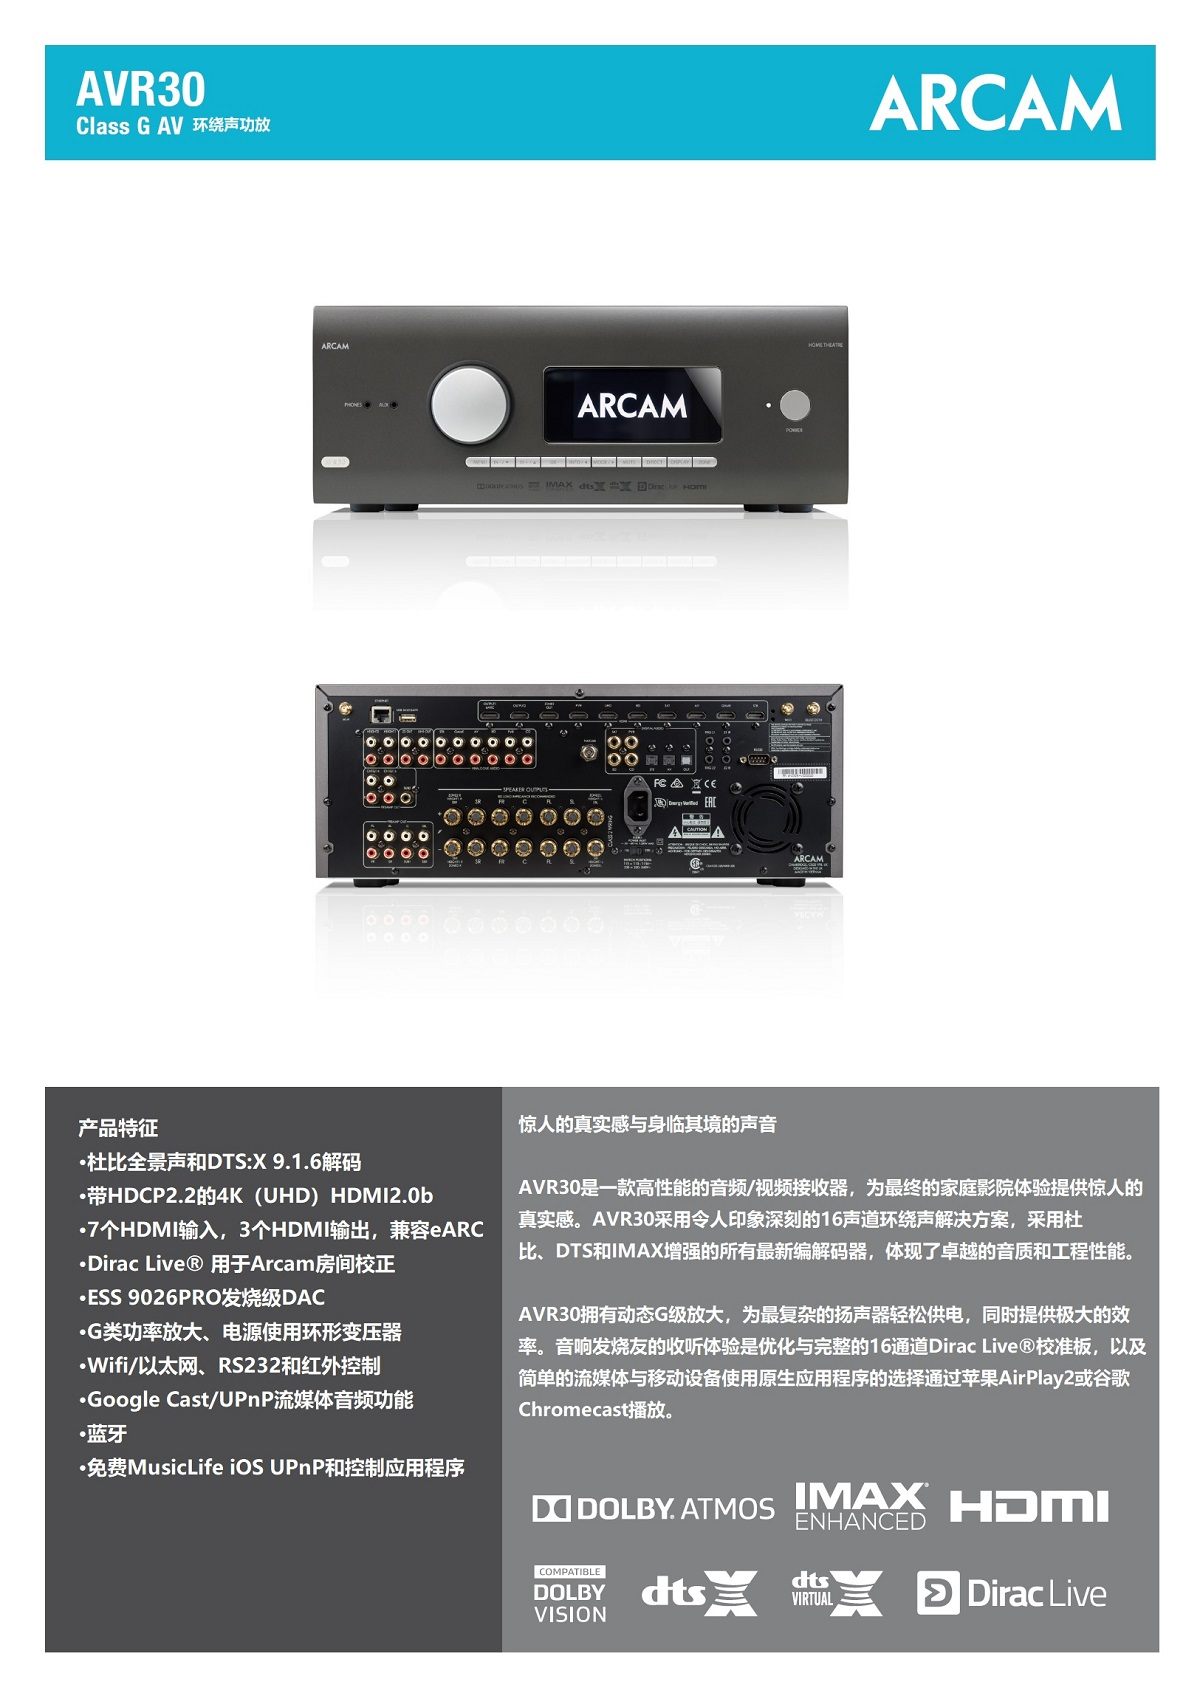 AVR30环绕声功放